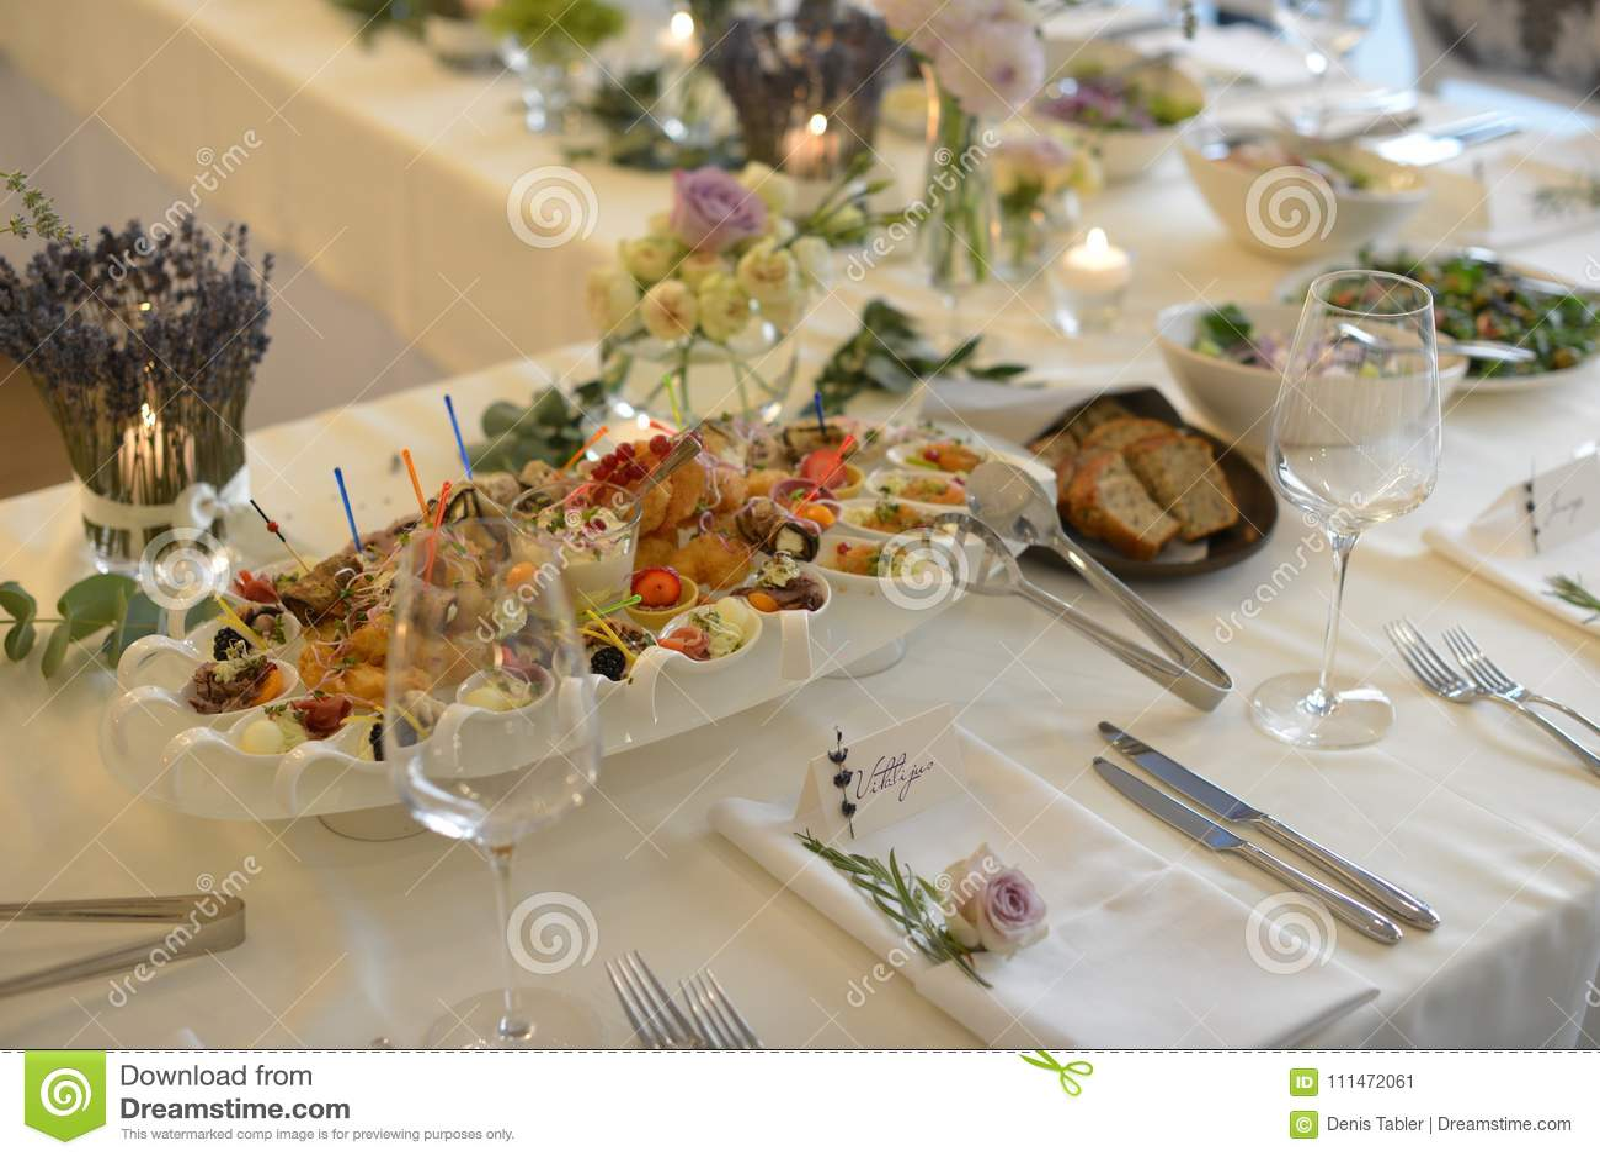 Wedding Reception Table Stock Image Image Of Napkin 111472061